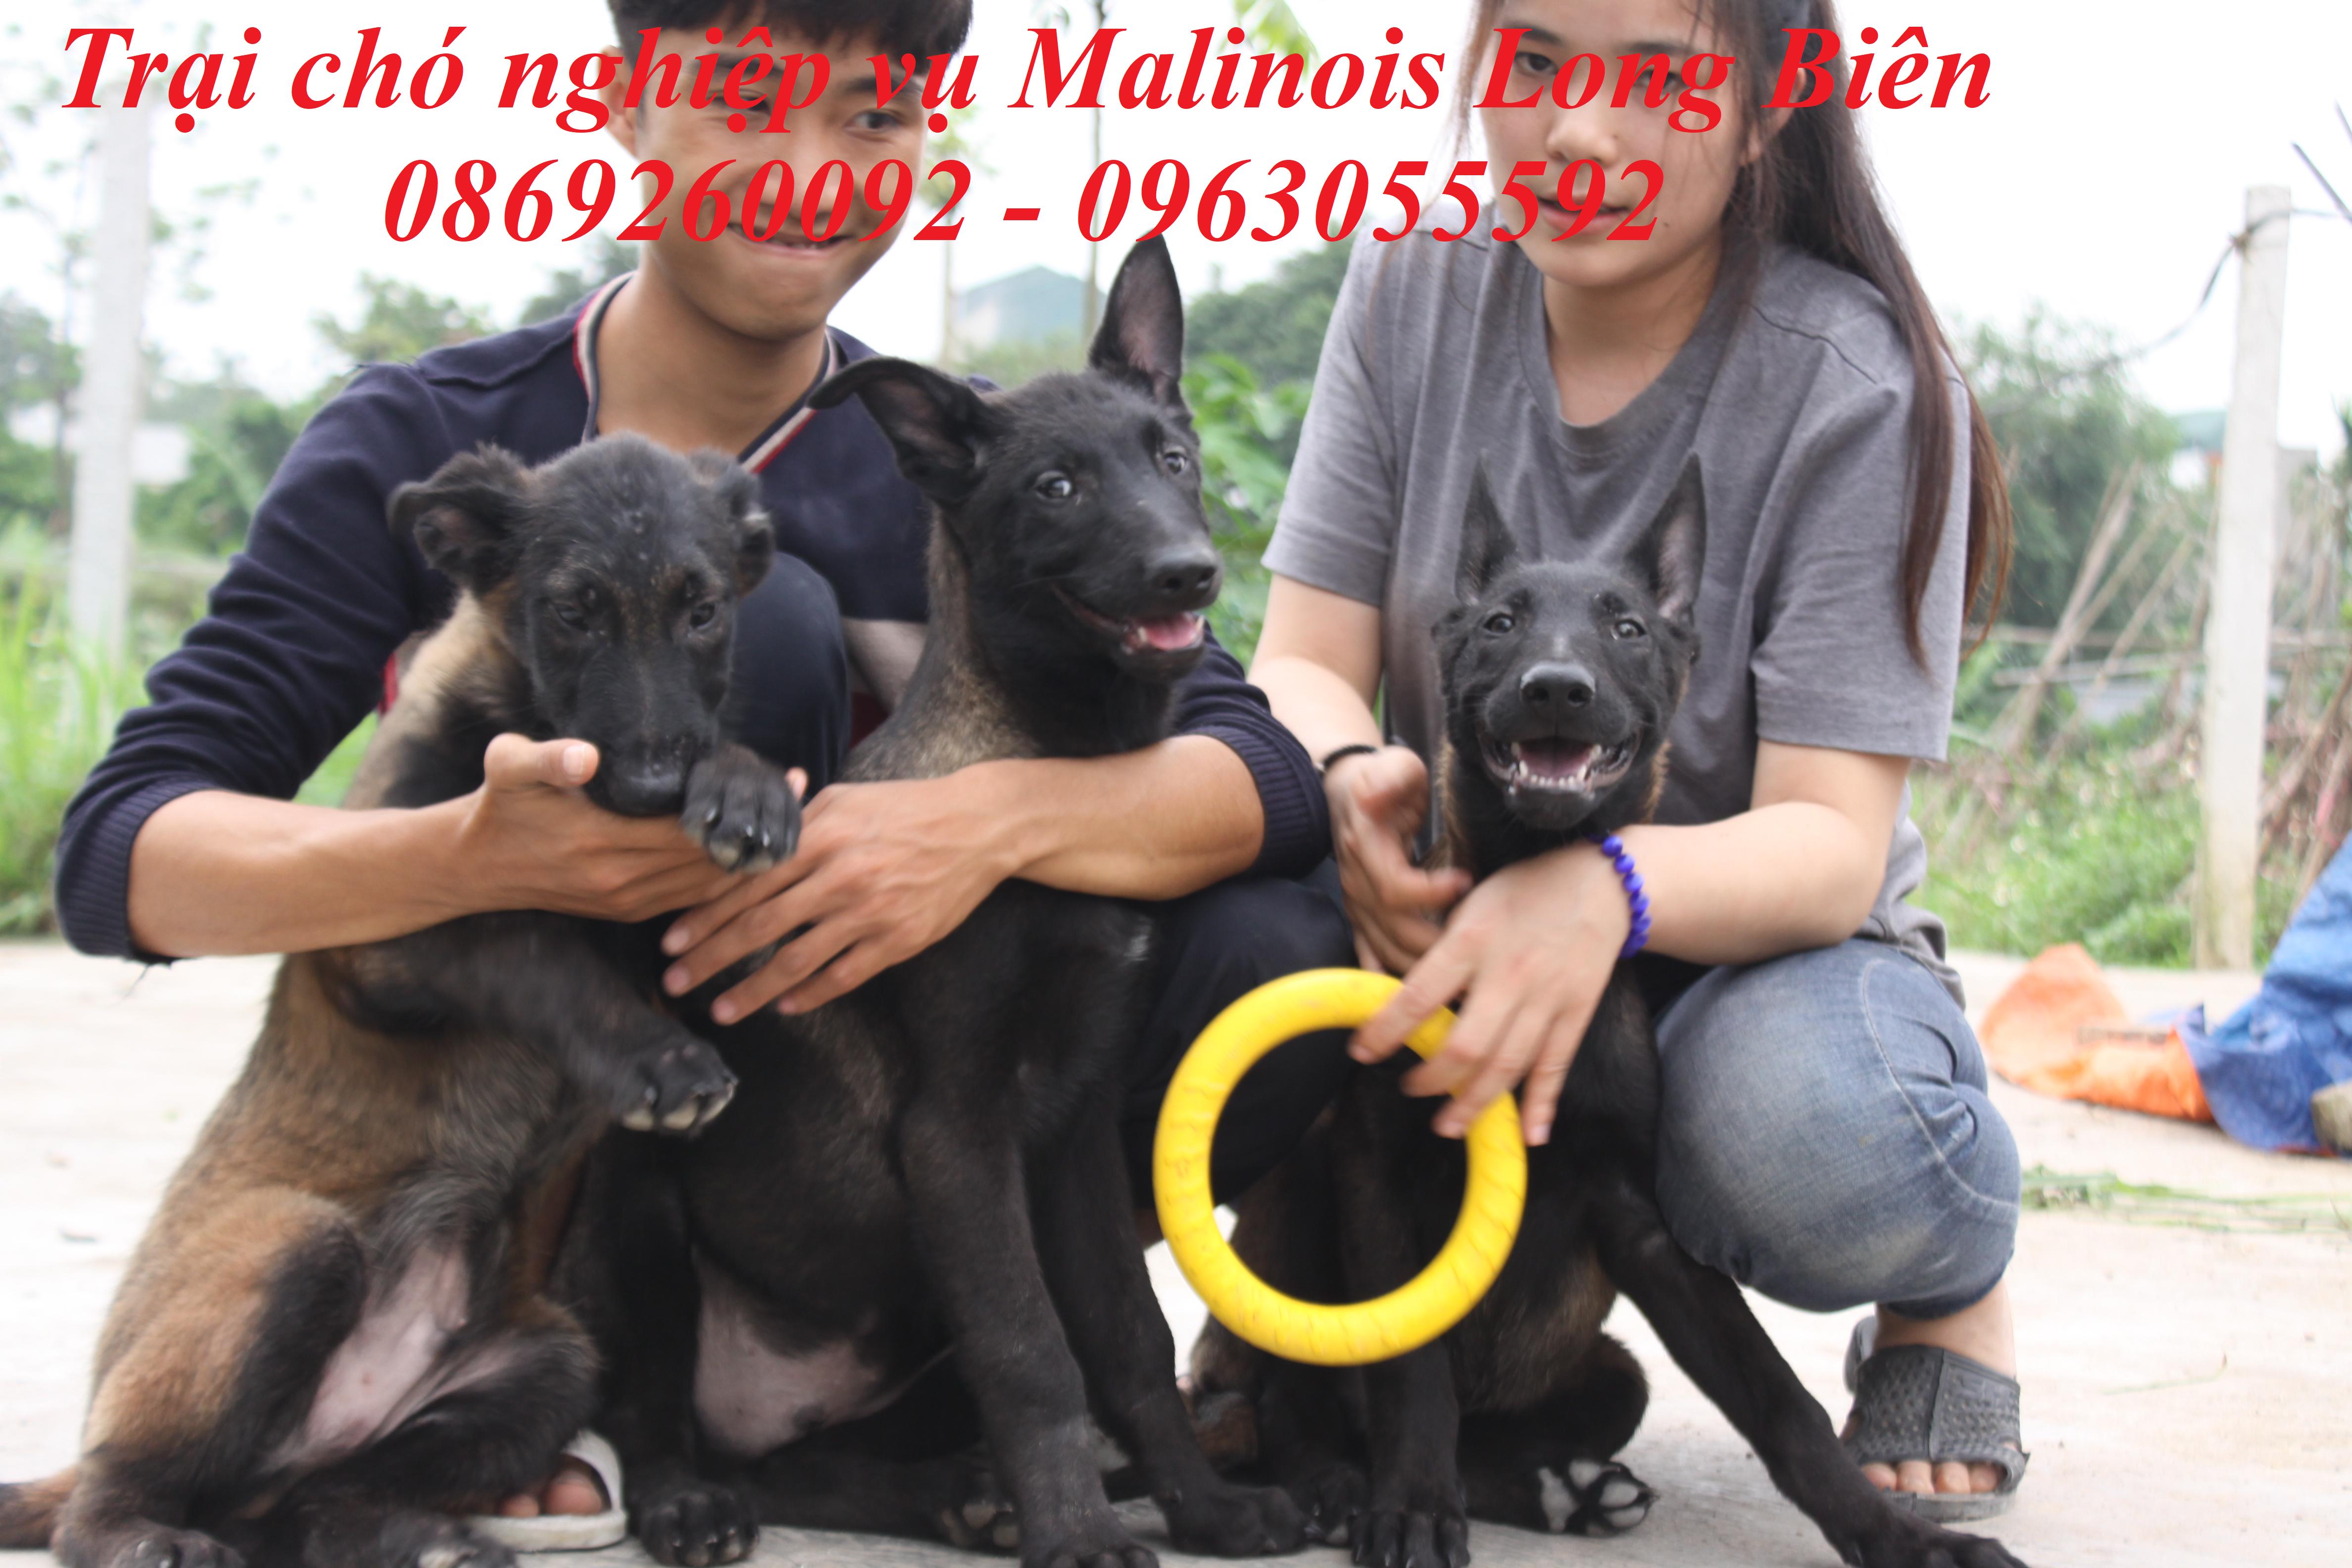 Chó malinois dễ chăm tại trại chó Malinois Long Biên